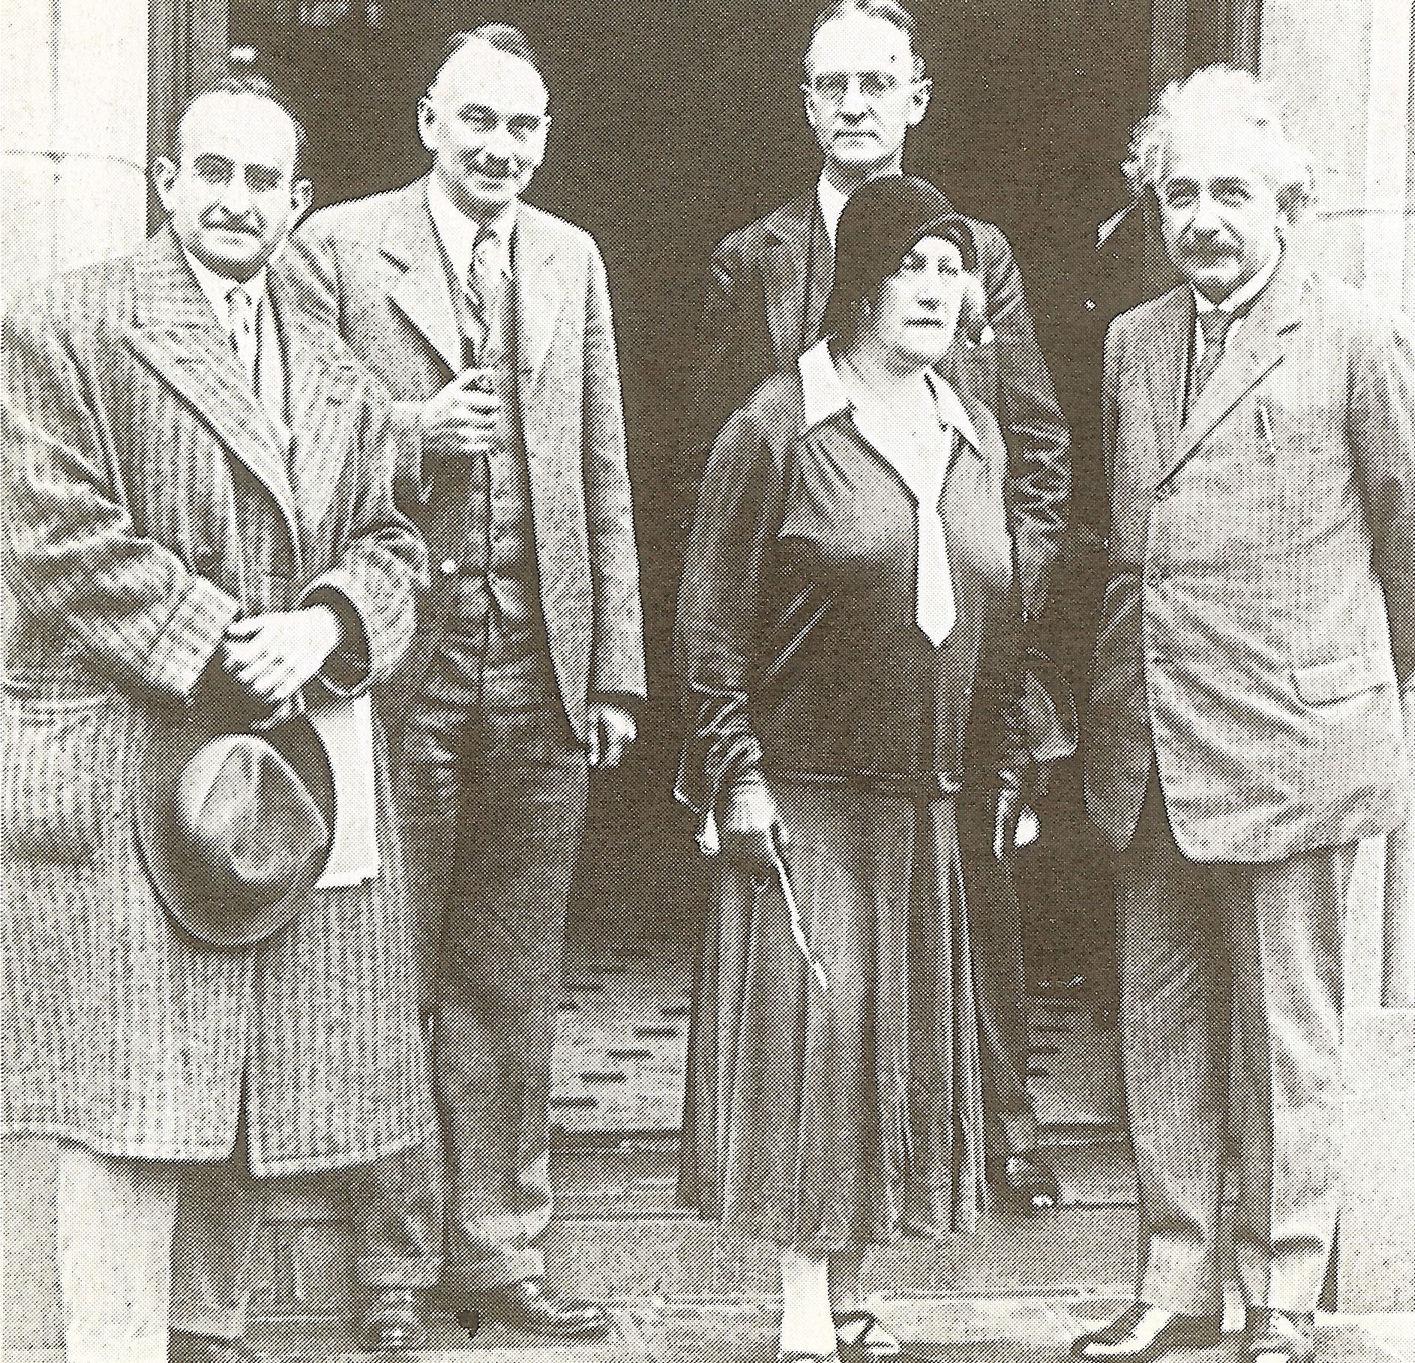 Альберт и Эльза Эйнштейн (справа) и Вальтер Майер (слева) с коллегами из Калифорнийского технологического института, Калифорния, США, 1931 год